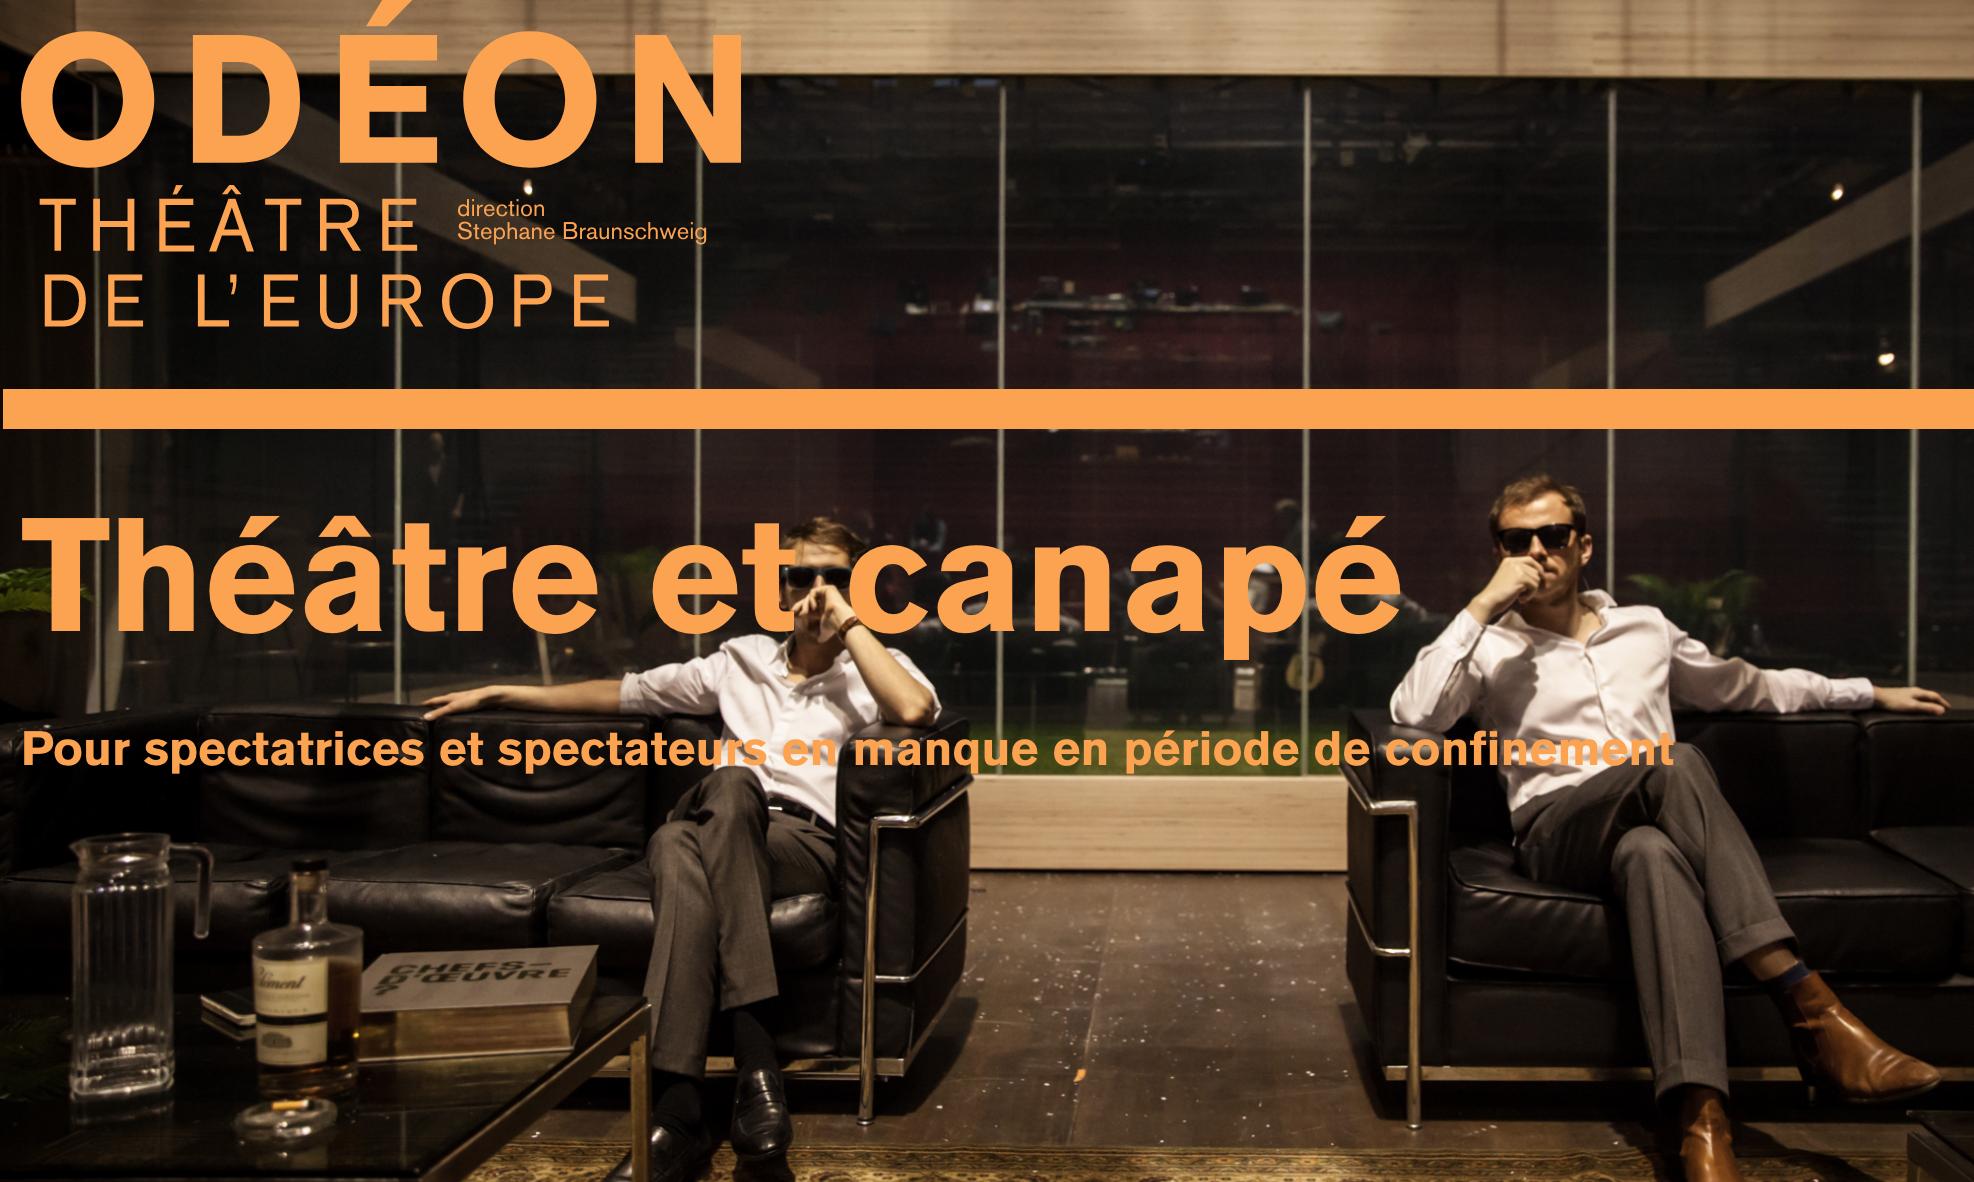 THEATER: Odéon Théâtre de l'Europe, Théâtre et canapé